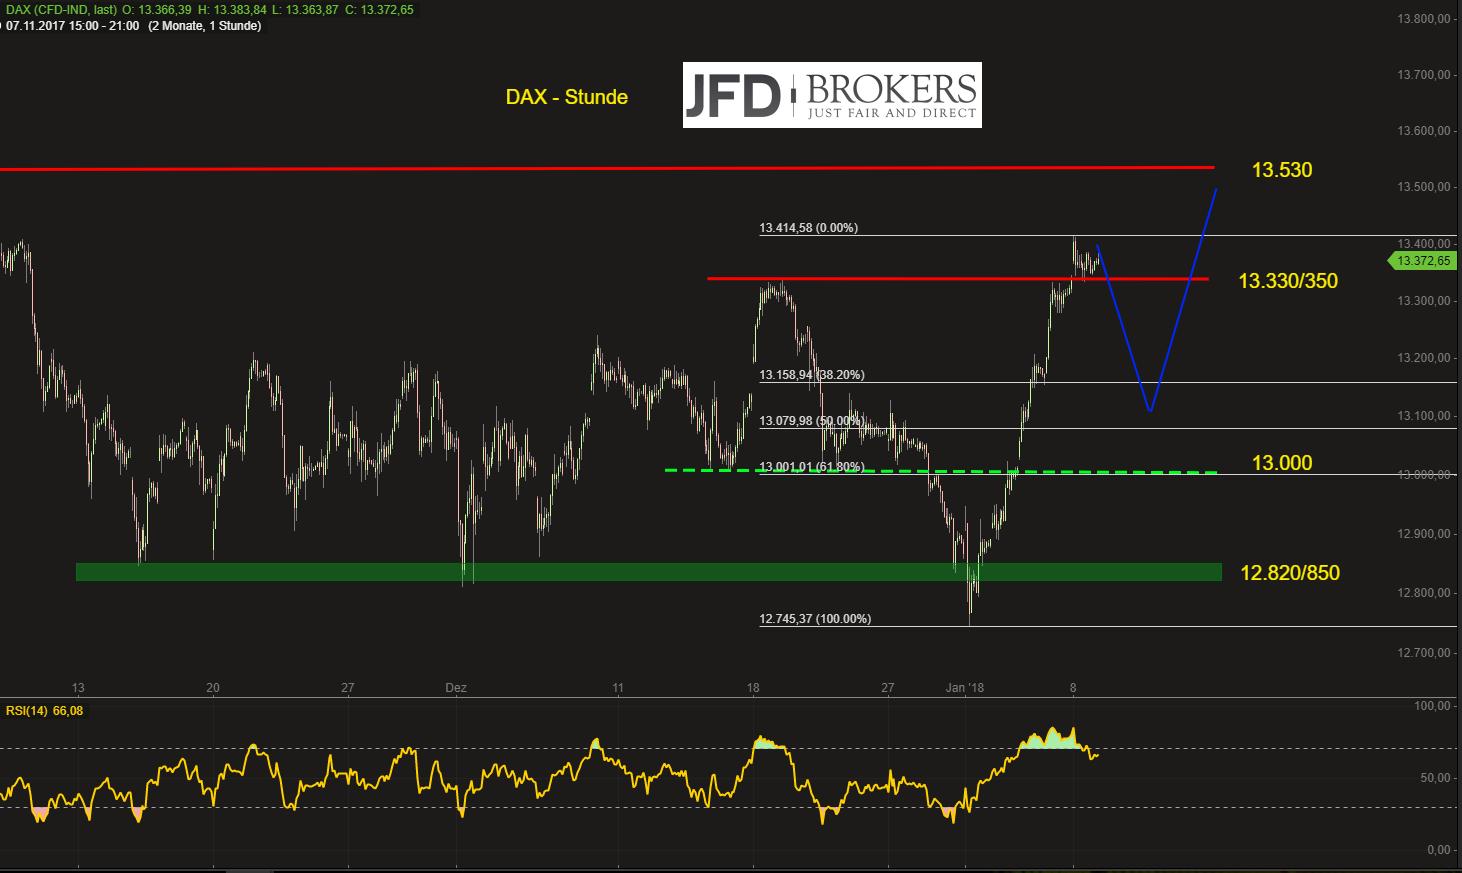 DAX-direkt-zum-Allzeithoch-oder-zunächst-Pullback-bis-13-100-Punkte-Kommentar-JFD-Brokers-GodmodeTrader.de-2